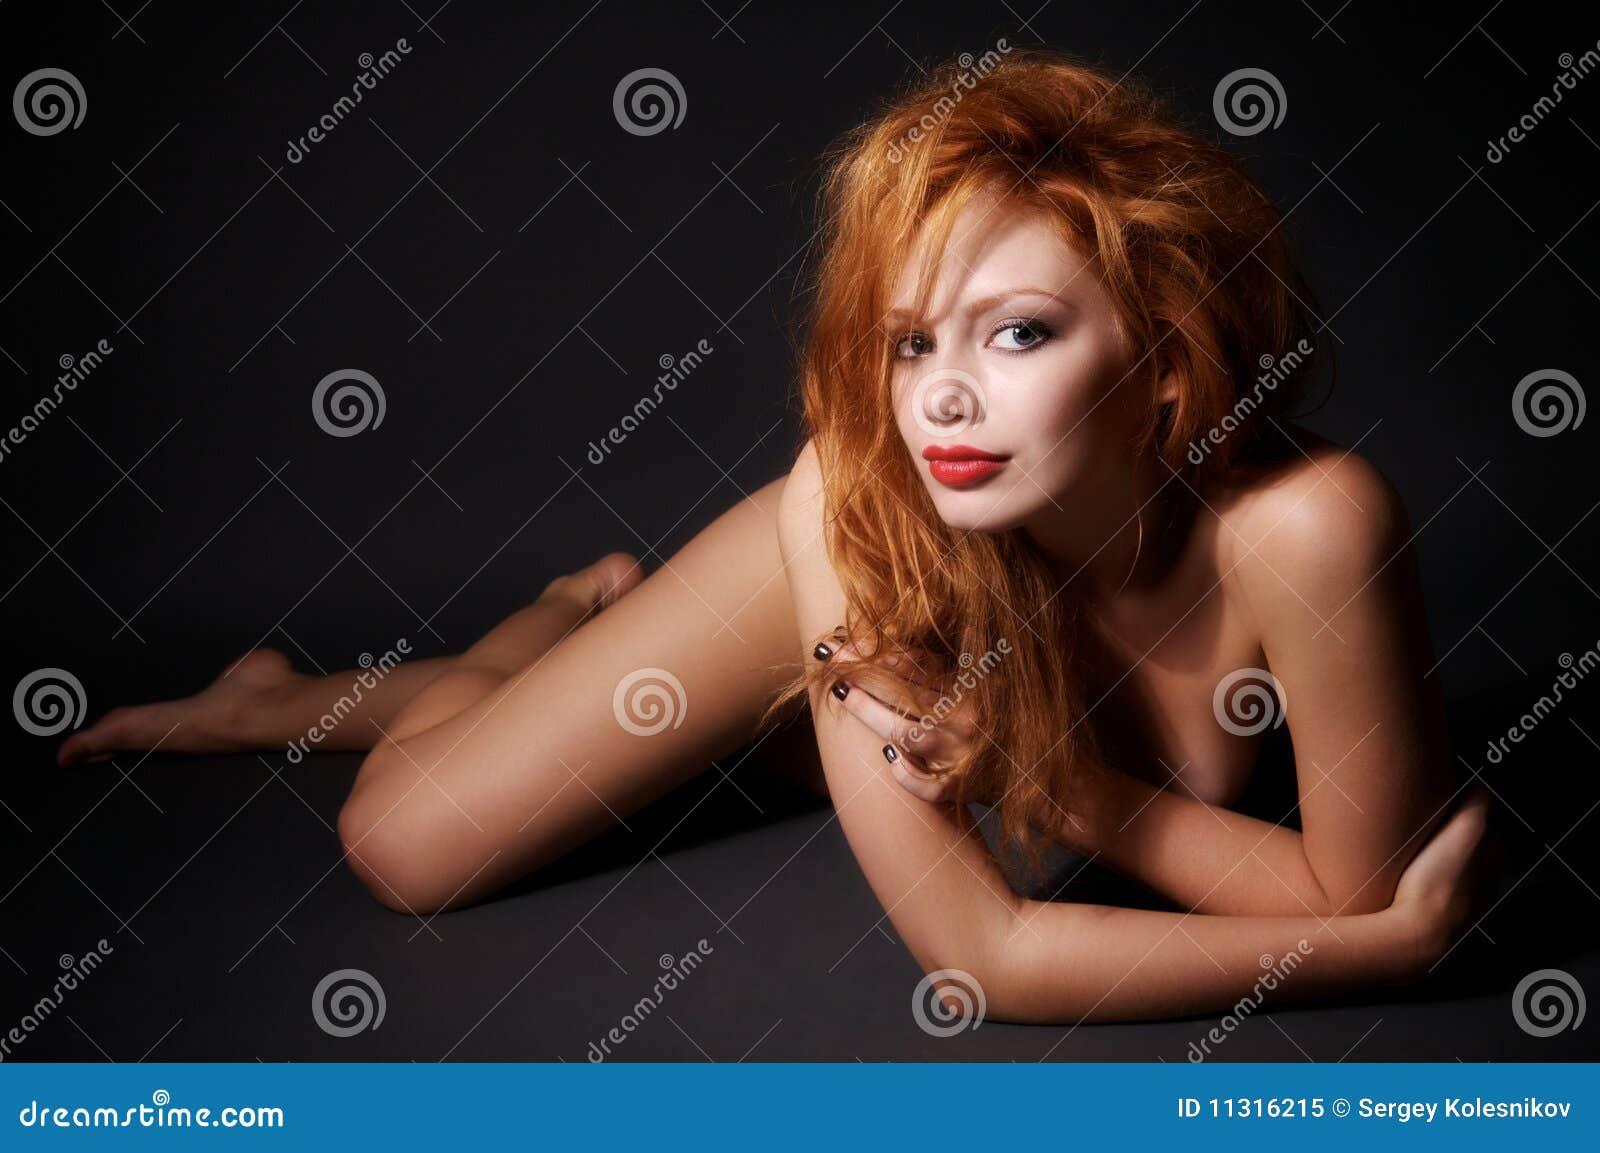 Junge nackte Frau liegt auf dem Fußboden